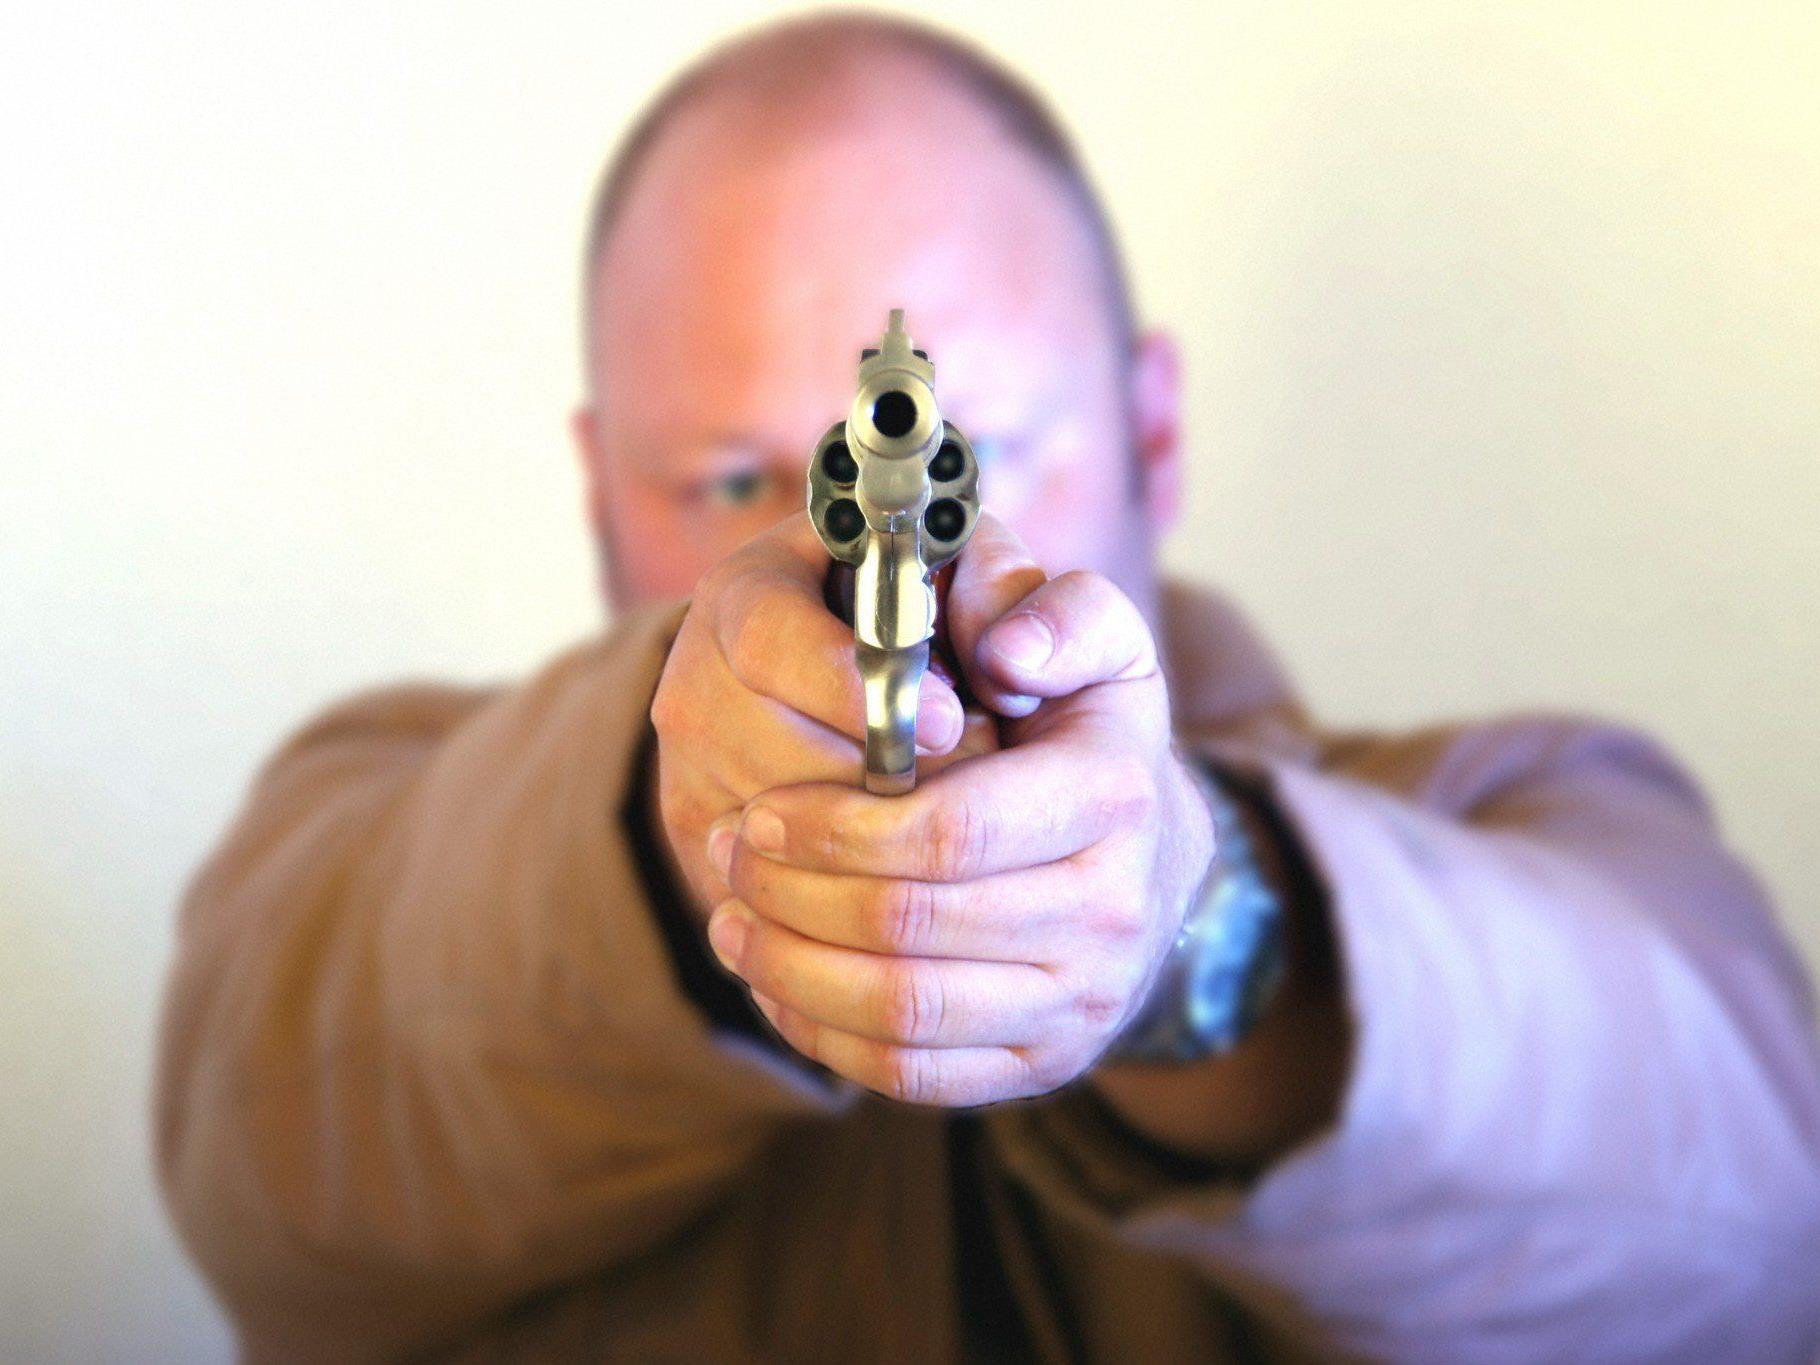 Bewaffneter Überfall auf ein Geschäft in Favoriten